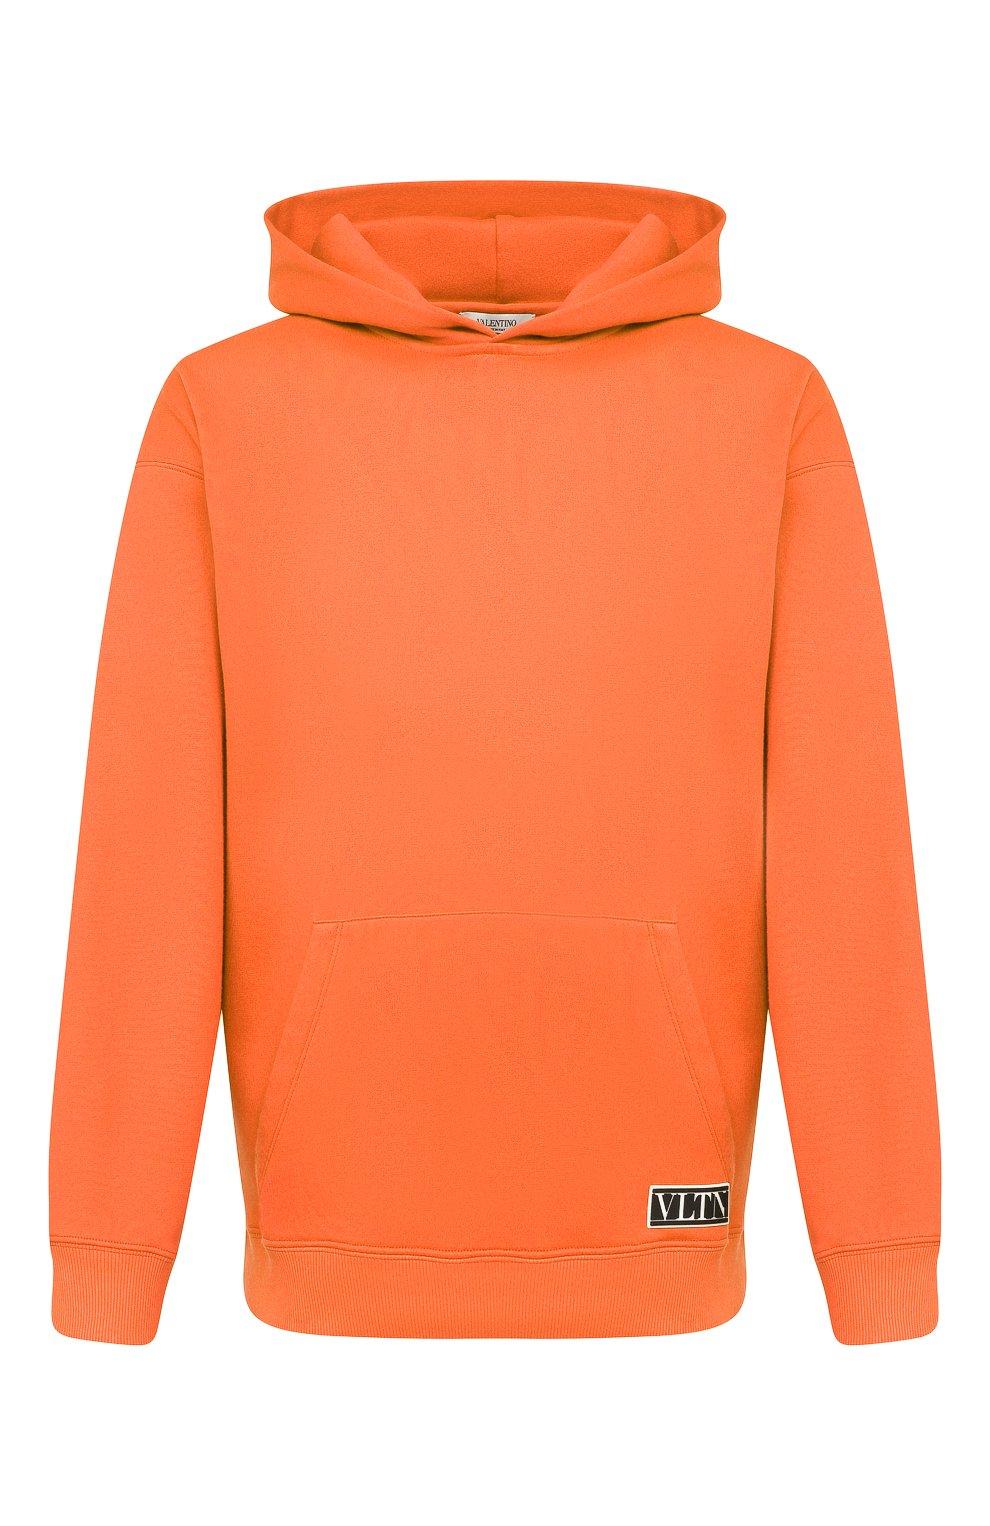 Мужской хлопковое худи VALENTINO оранжевого цвета, арт. VV0MF18F7EY | Фото 1 (Рукава: Длинные; Принт: Без принта; Длина (для топов): Стандартные; Мужское Кросс-КТ: Худи-одежда; Материал внешний: Хлопок; Стили: Кэжуэл)